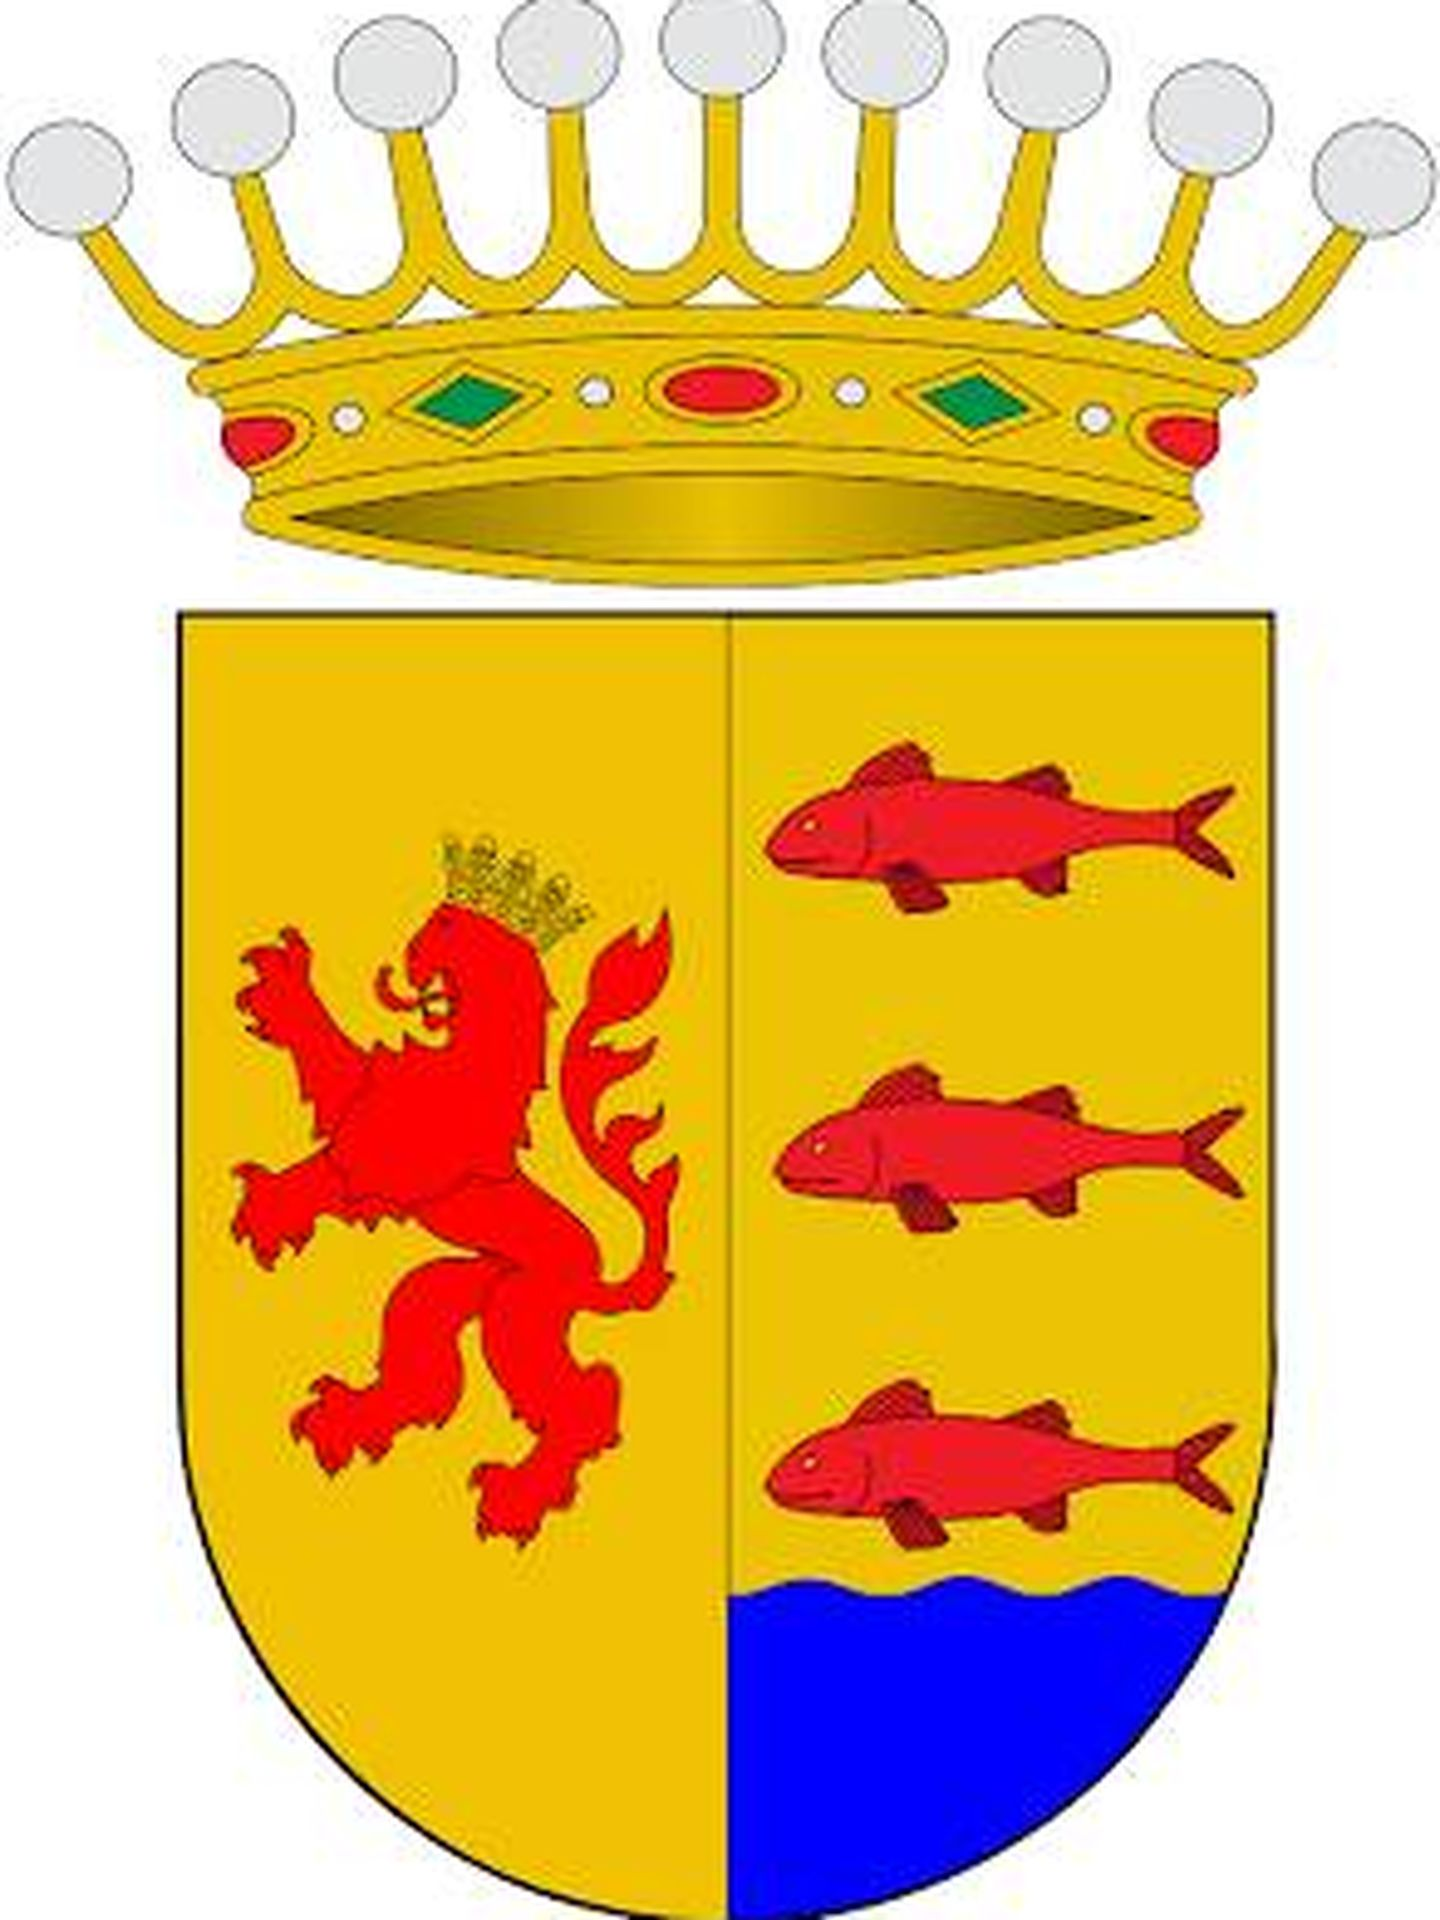 Heráldica del título del condado de Areny.